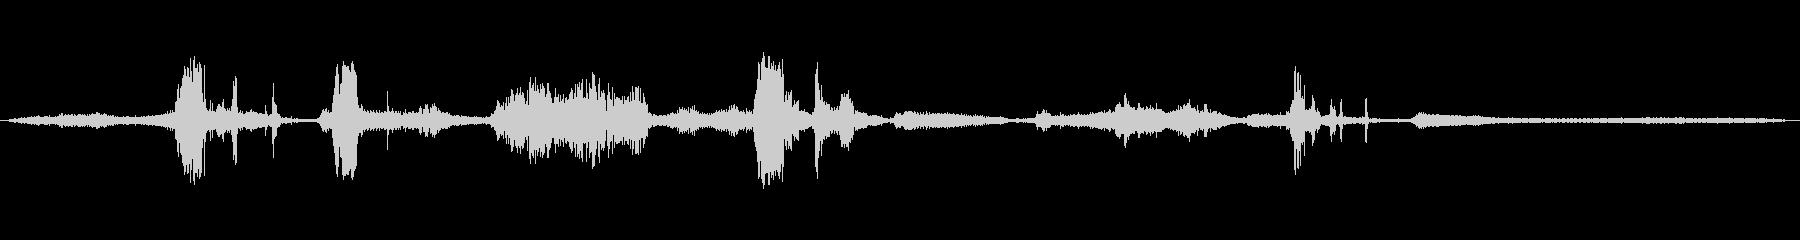 ポルシェ928:ドライブイン、スキ...の未再生の波形